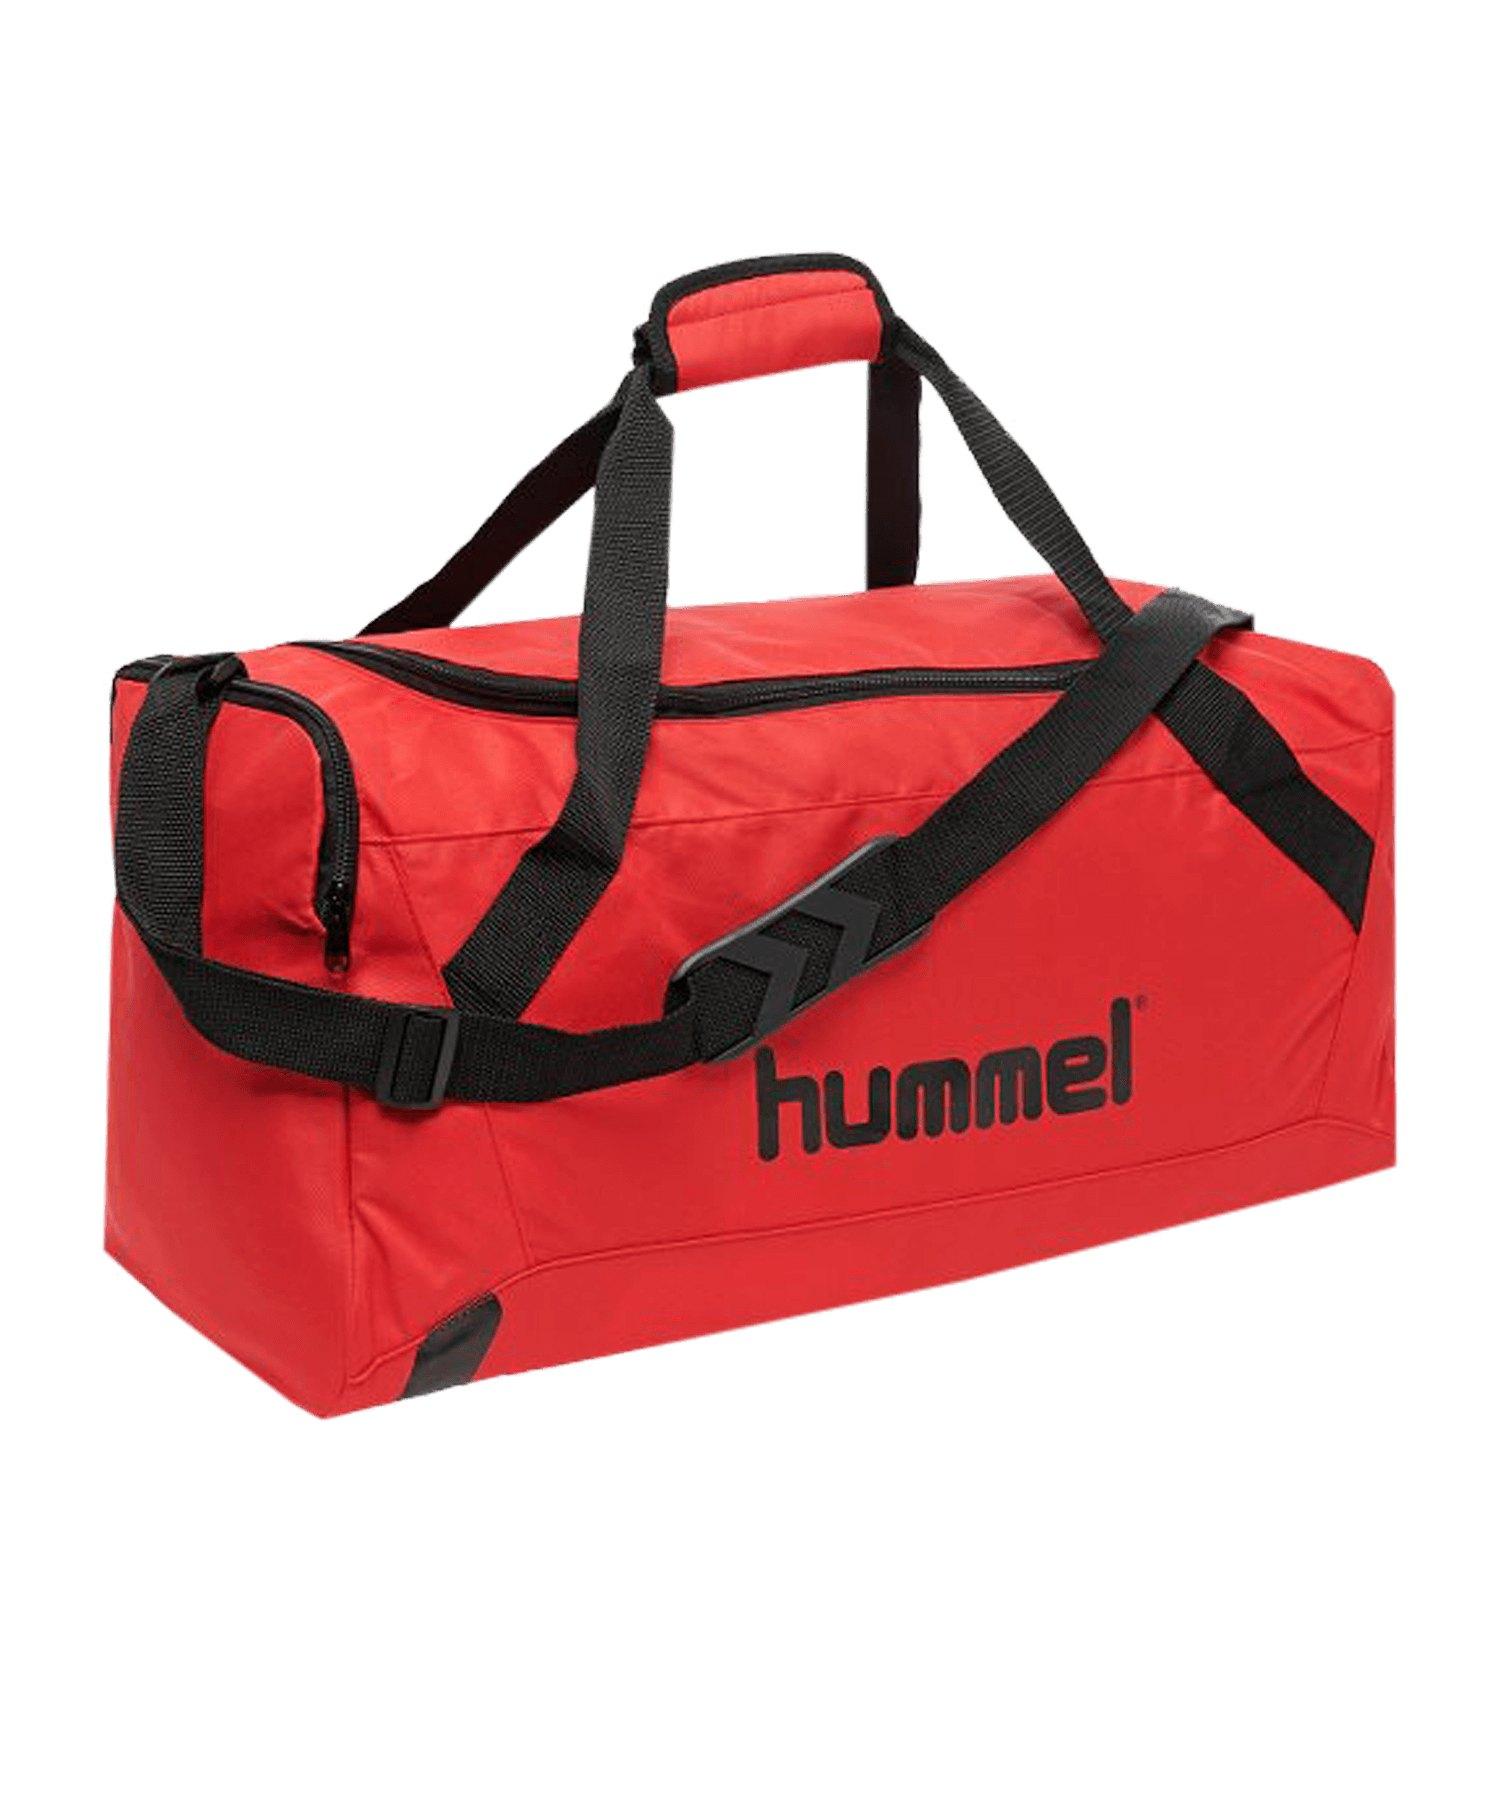 Hummel Core Bag Sporttasche Rot F3081 Gr. M - rot